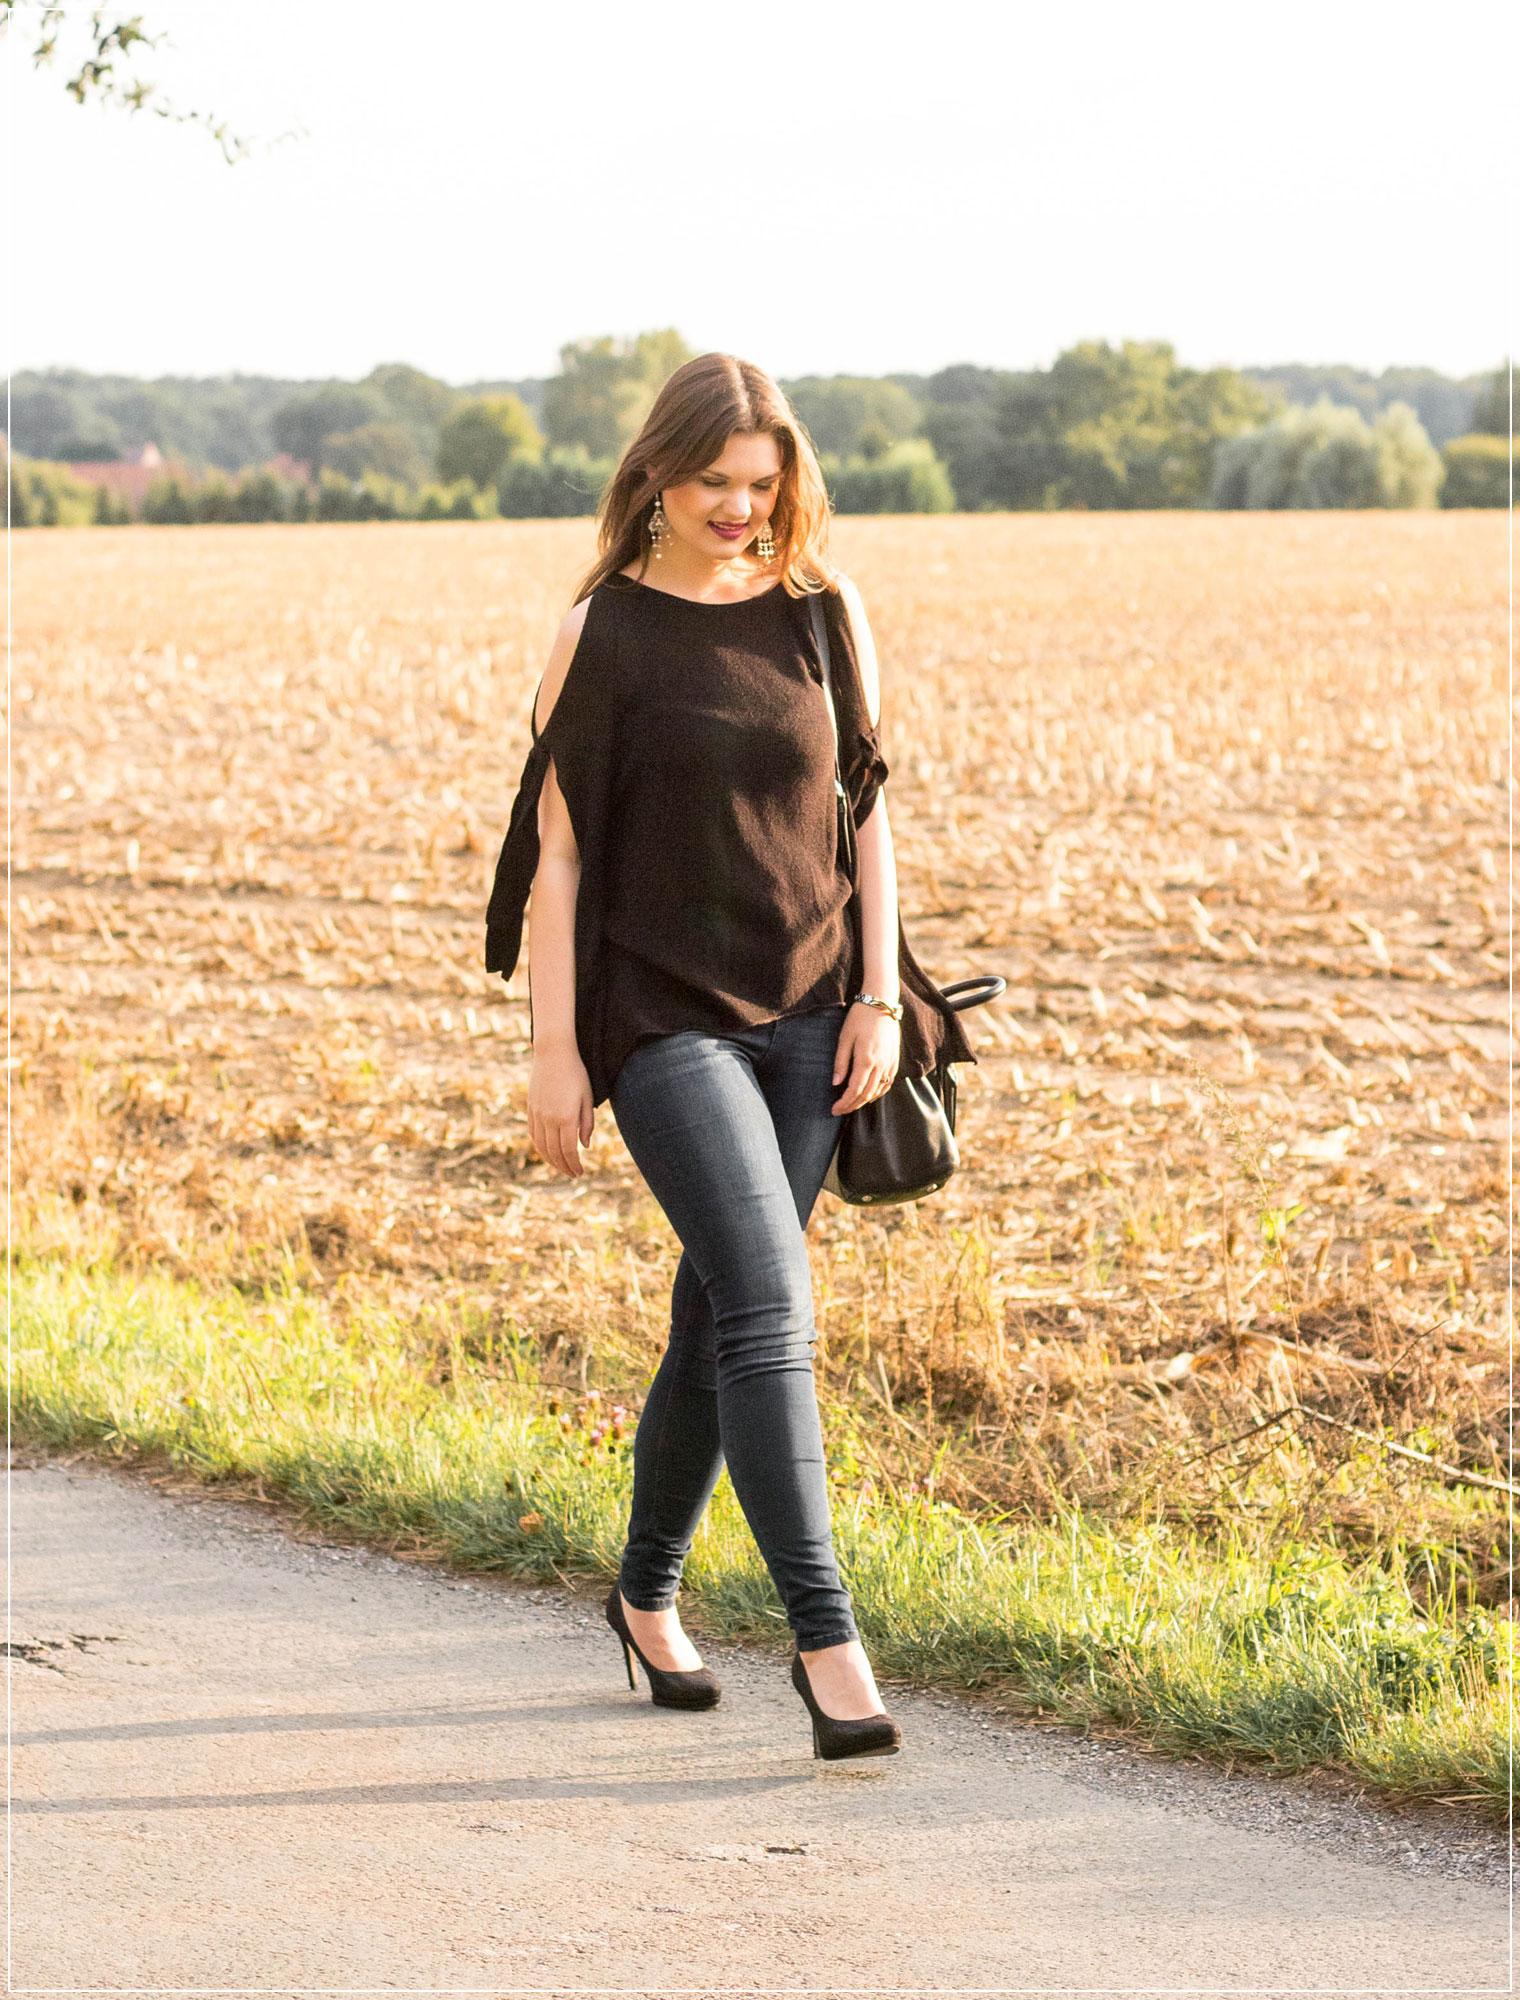 Alltagslook, Tipps für einen Alltagslook, Basic Style, Golden Hour, Herbstoutfit, Herbstlook, Outfitinspiration, Autumnstyle, Abendoutfit, Modebloggerin, Fashionbloggerin, Modeblog, Ruhrgebiet